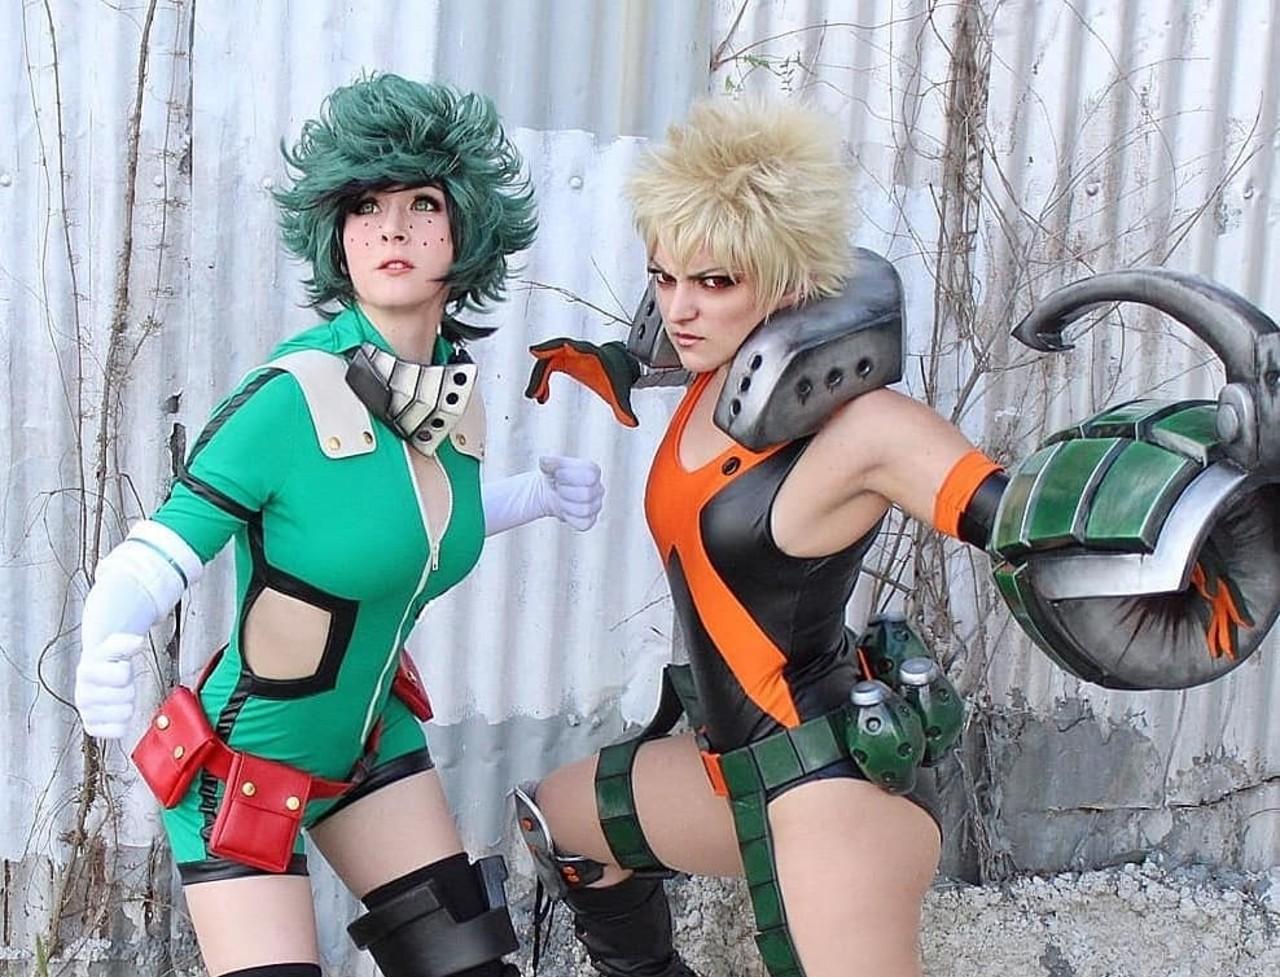 My Hero Academia_ Chicas sacan el lado más femenino de Deku y Baku con estos impresionantes cosplays (2)